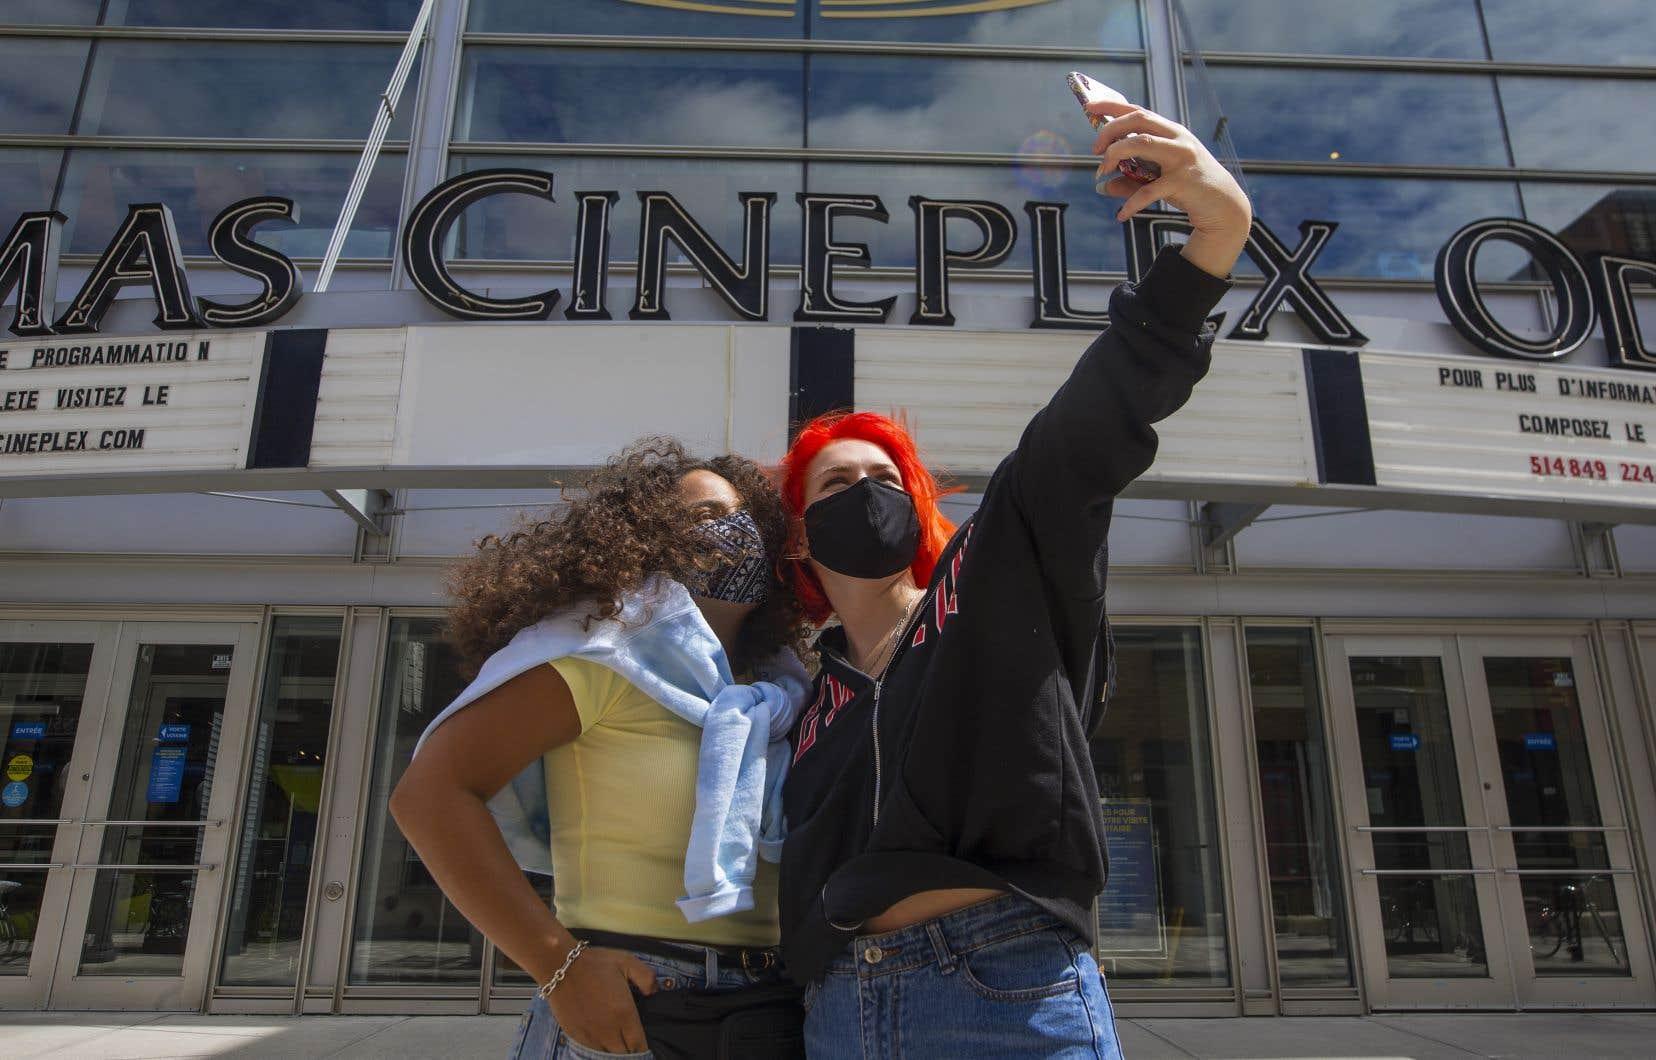 Du côté des salles de cinéma grand public, le report des gros canons américains que sont les films«Tenet», de Christopher Nolan, ou«Mulan», de Niki Caro, a eu une incidence sur la fréquentation.